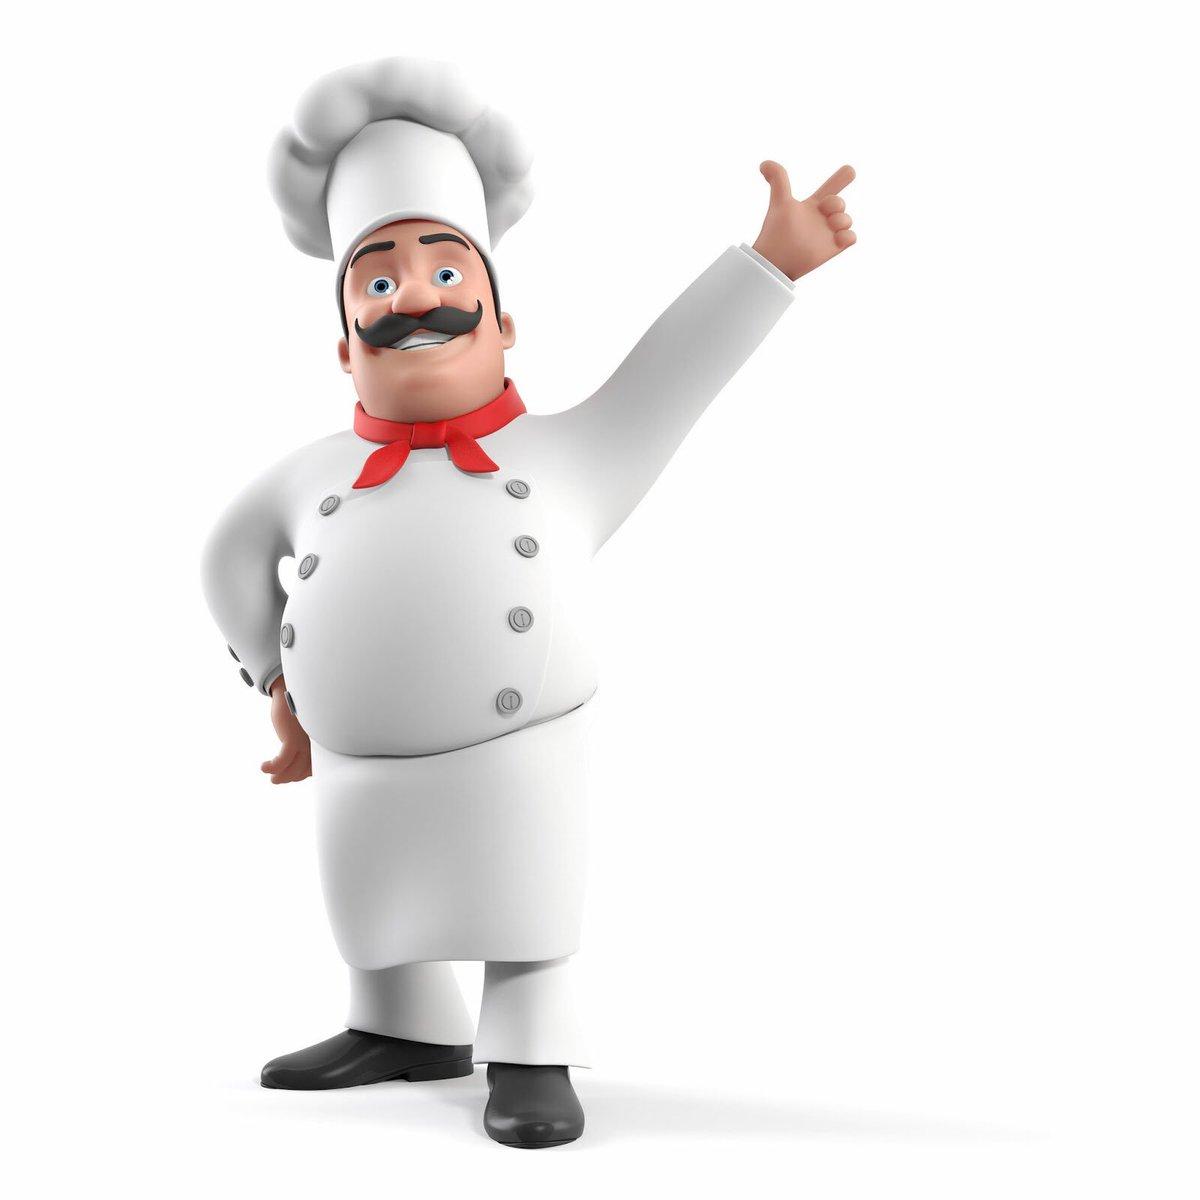 صور صور طباخ كرتون , كرتون الطباخين للاطفال جميل جدا صور